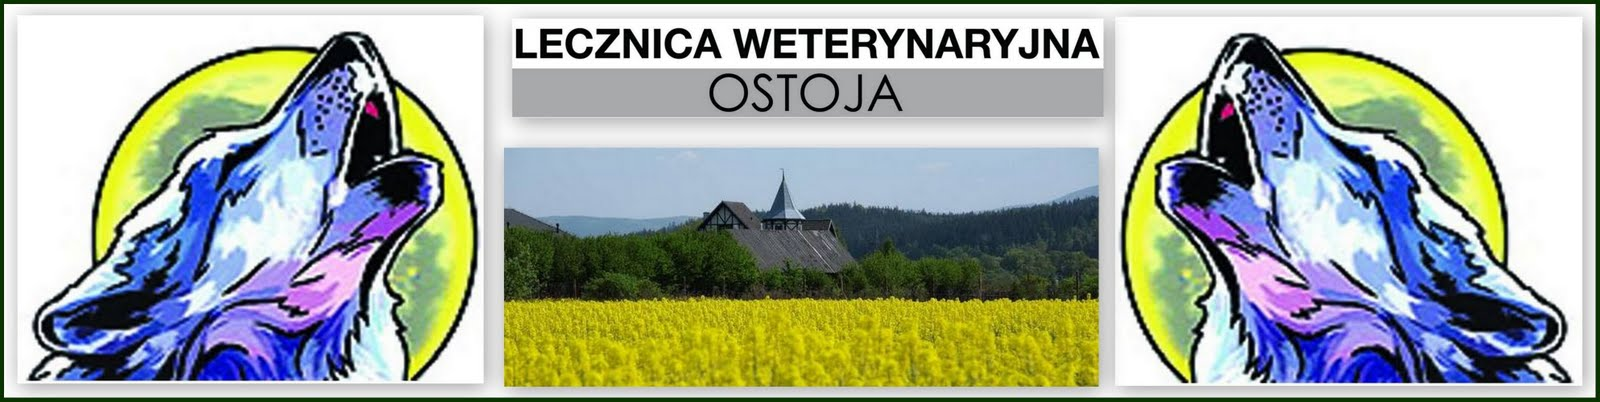 Lecznica Weterynaryjna Ostoja Jelenia Góra,weterynarz Jelenia Góra,pogotowie weterynaryjne